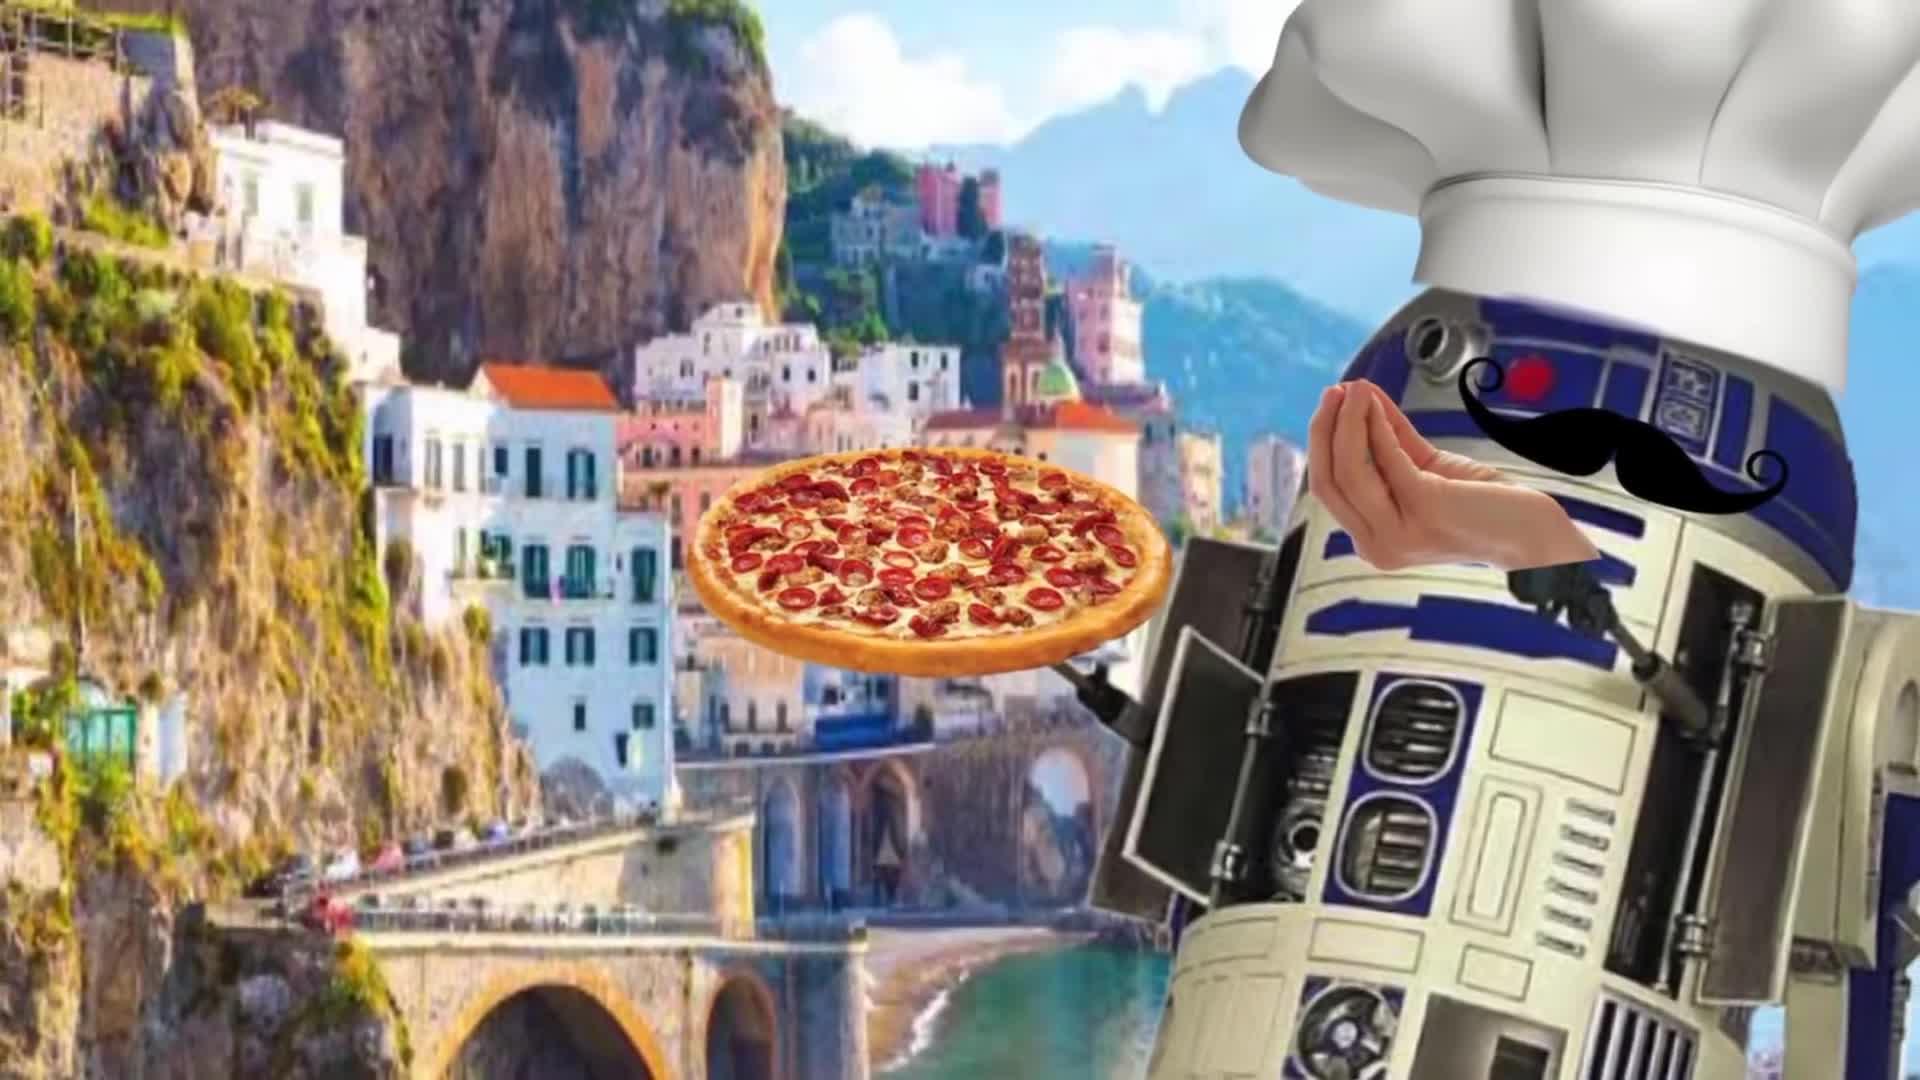 R2-D2. .. very nice